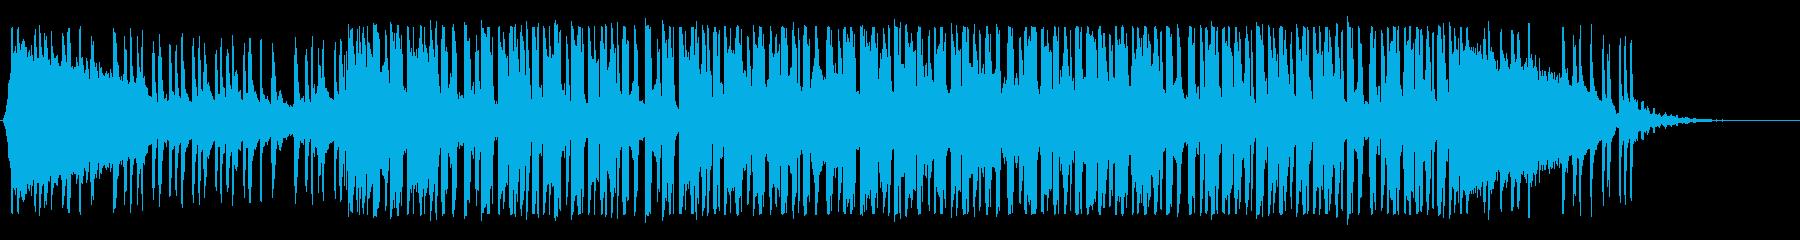 レゲトン/トロピカル/海/砂浜/ショートの再生済みの波形